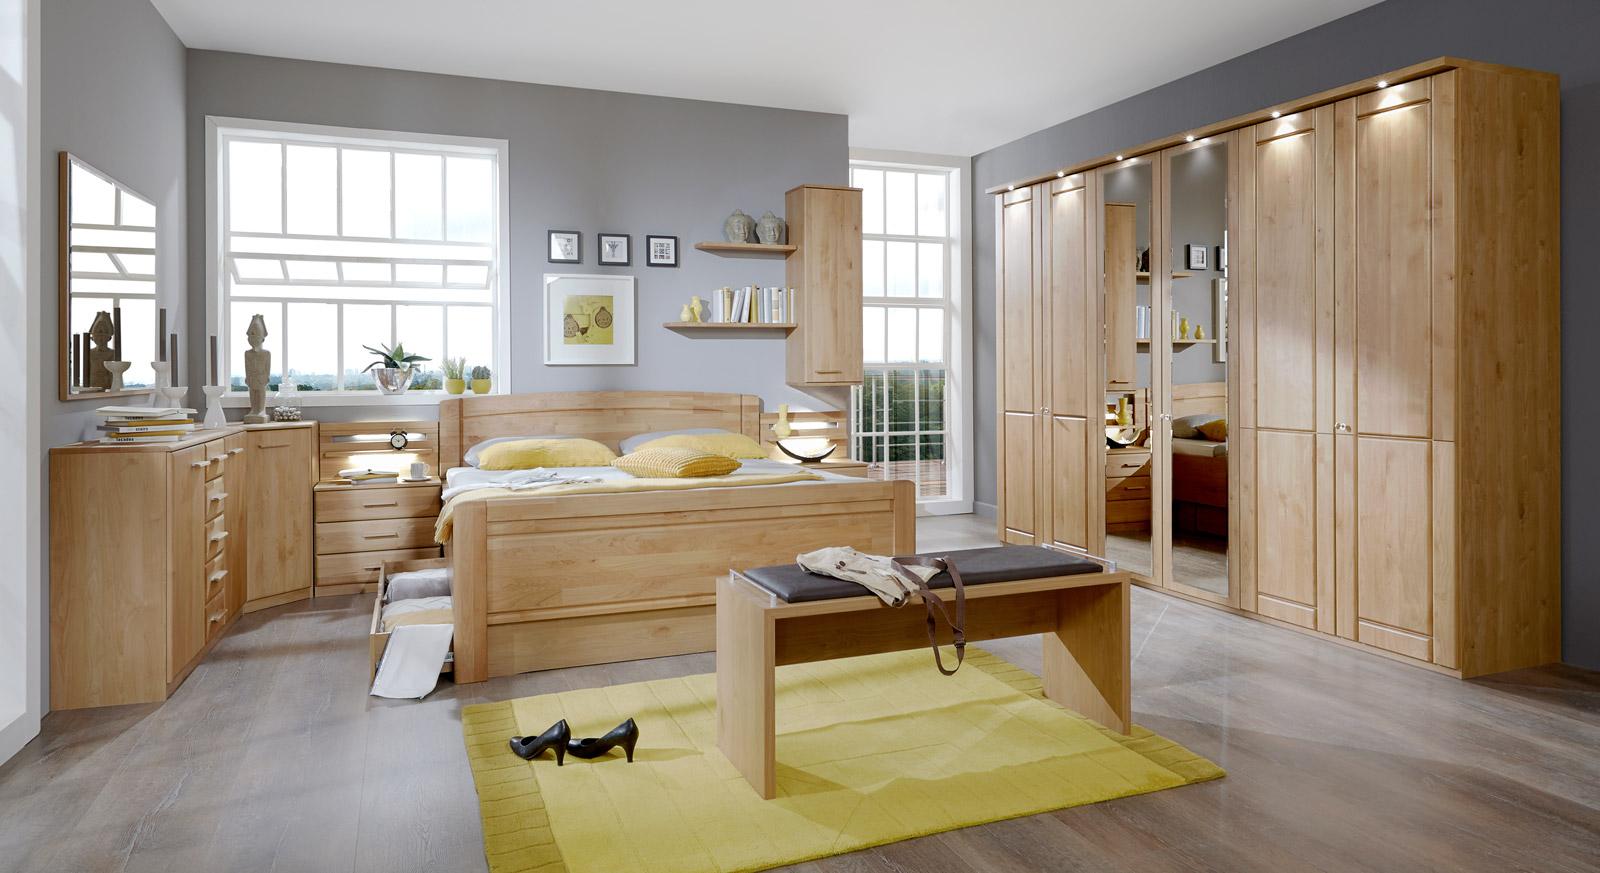 Modernes Komplett-Schlafzimmer Trikomo aus Erlen-Holz mit passenden Produkten